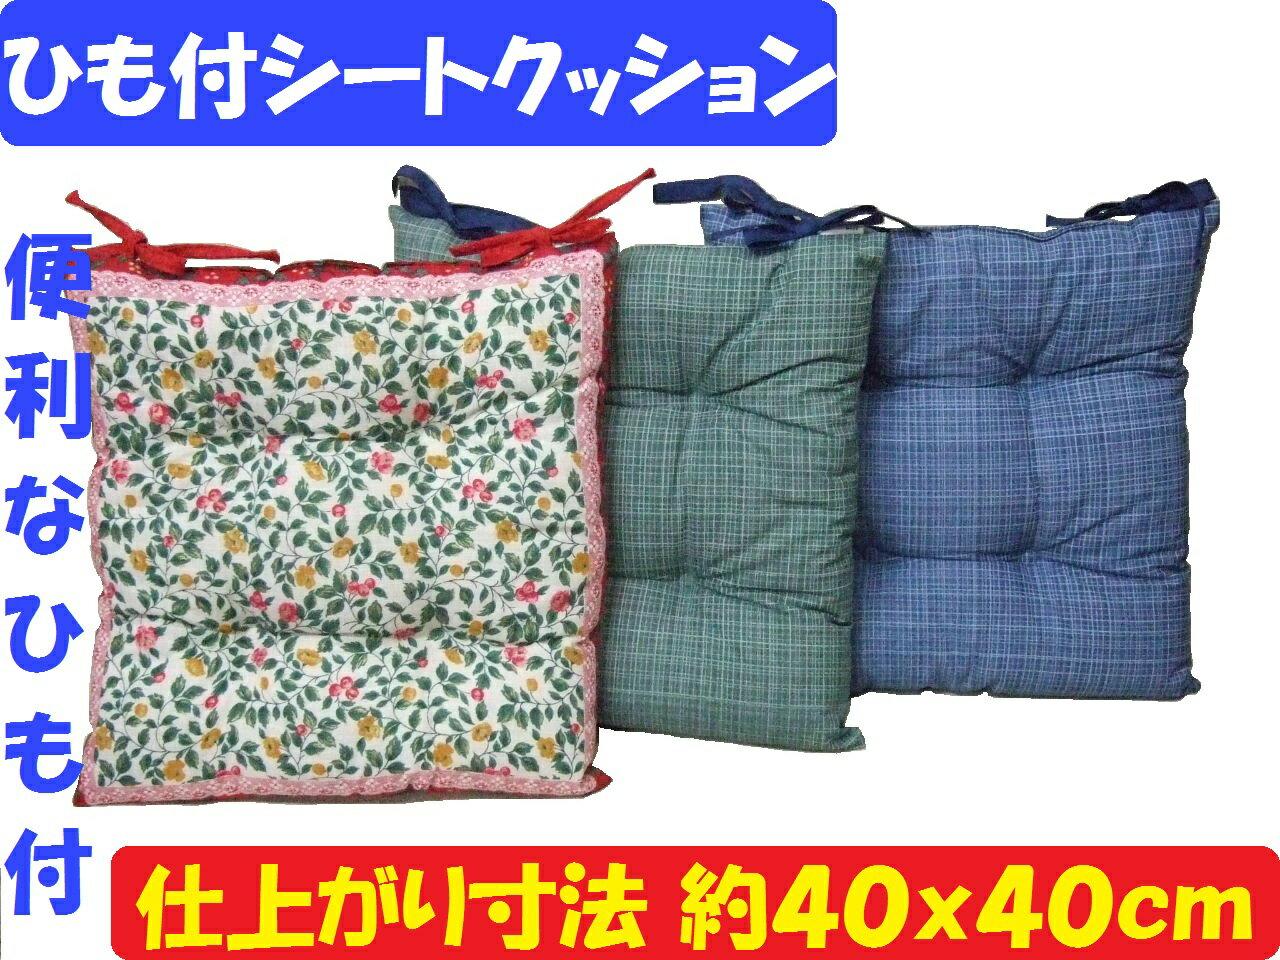 シートクッション ポリエステルわた入り 安心の日本製